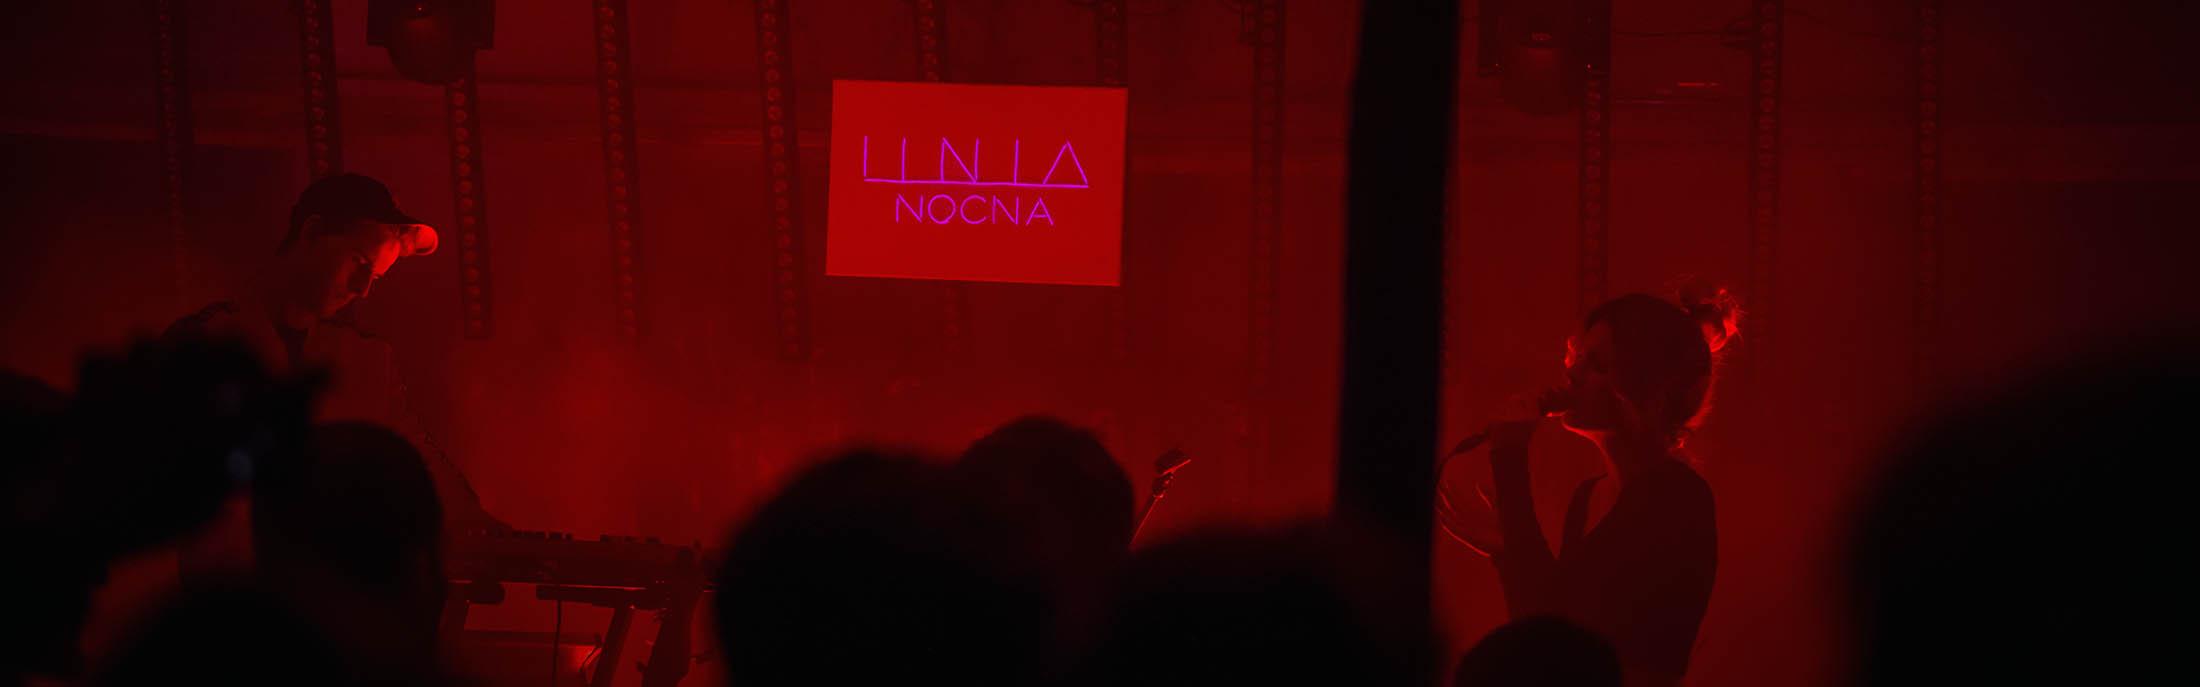 Linia Nocna fot Marta Rzepka-JS